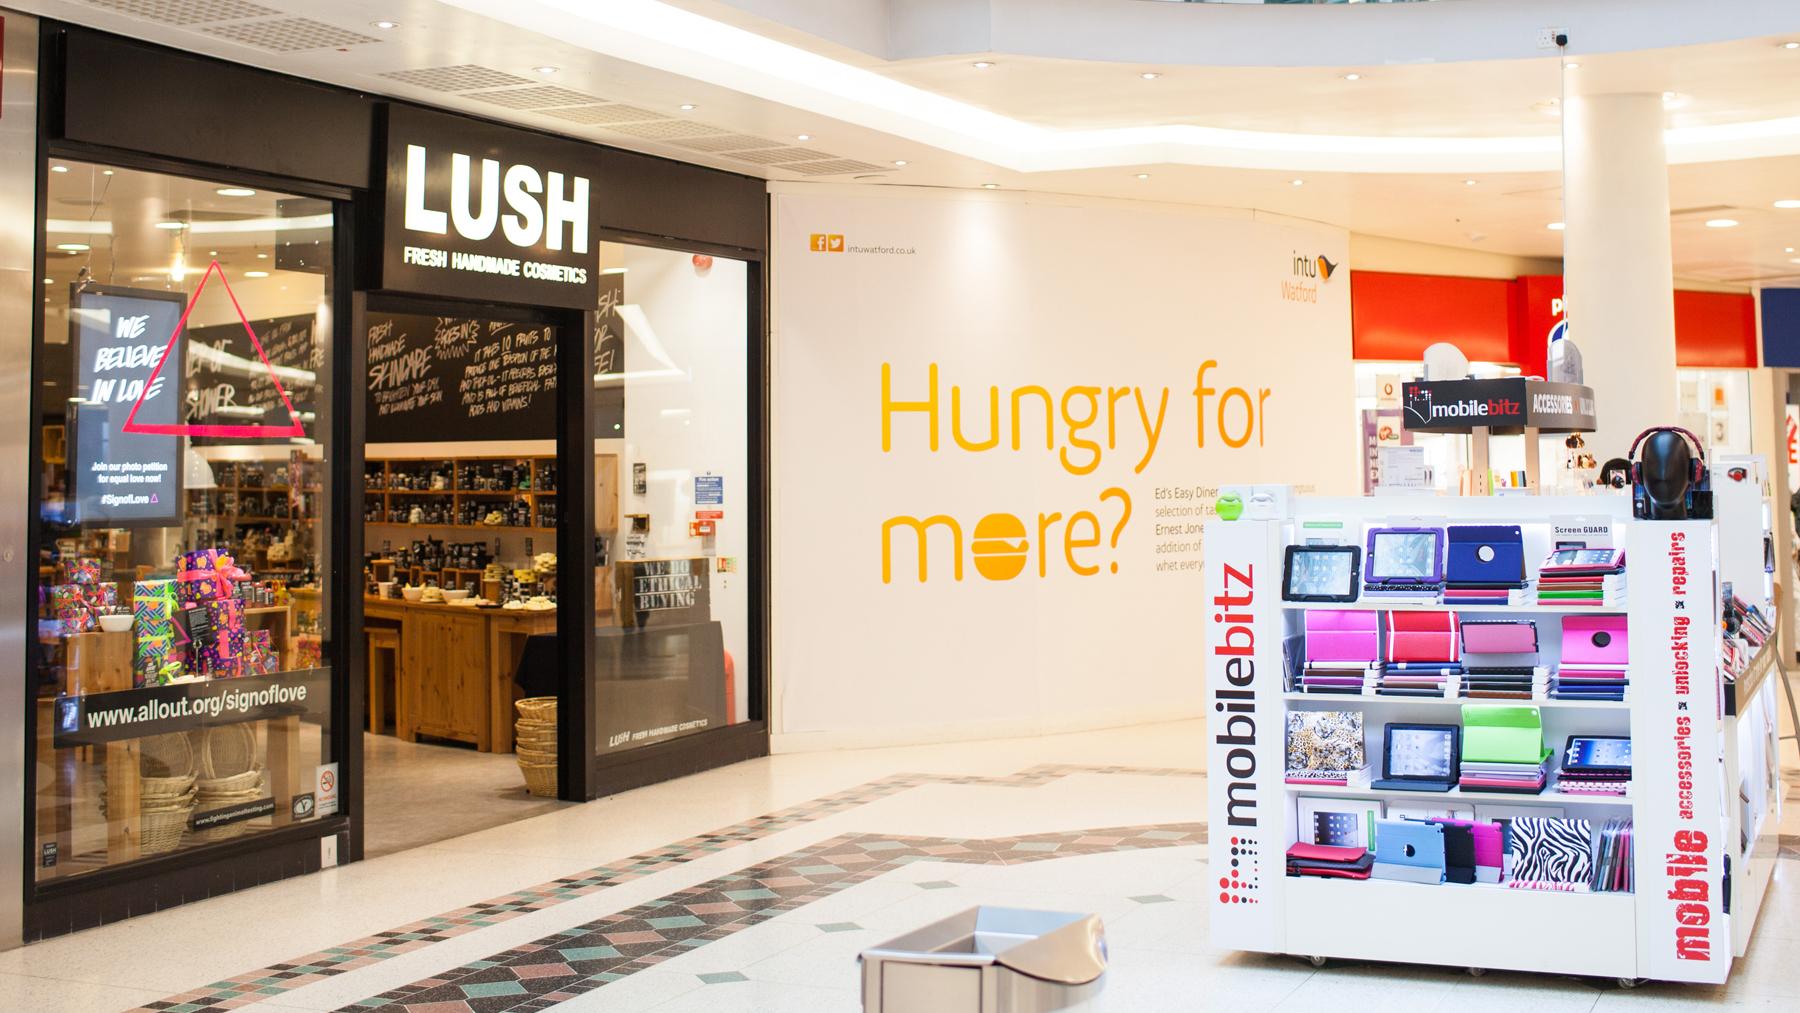 Watford | Lush Fresh Handmade Cosmetics UK